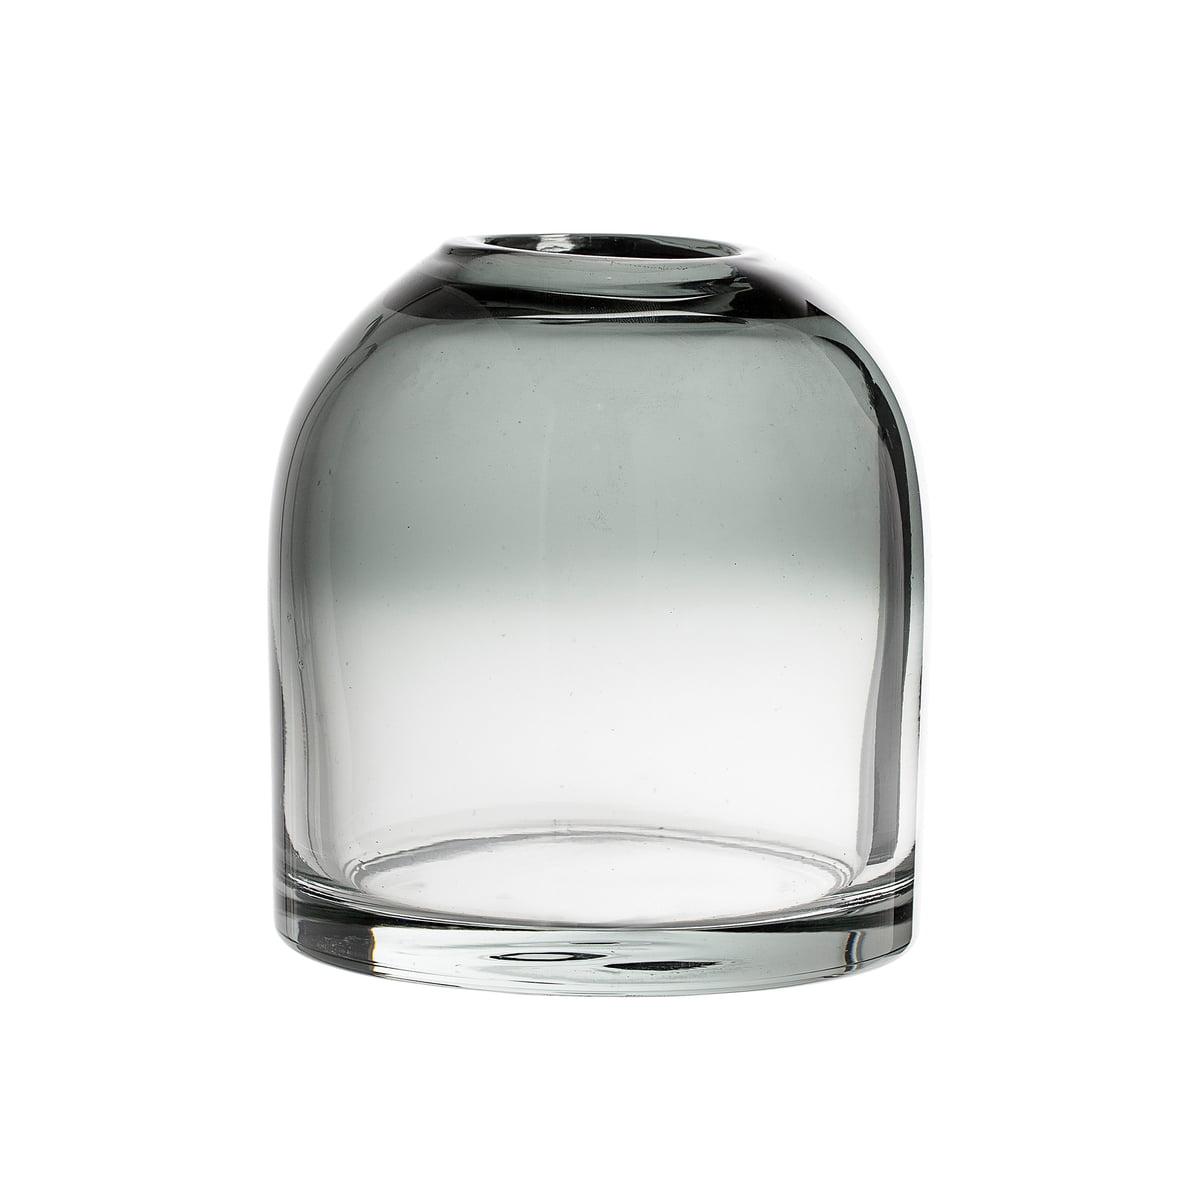 Bloomingville - Glas-Vase H 13 cm, grau